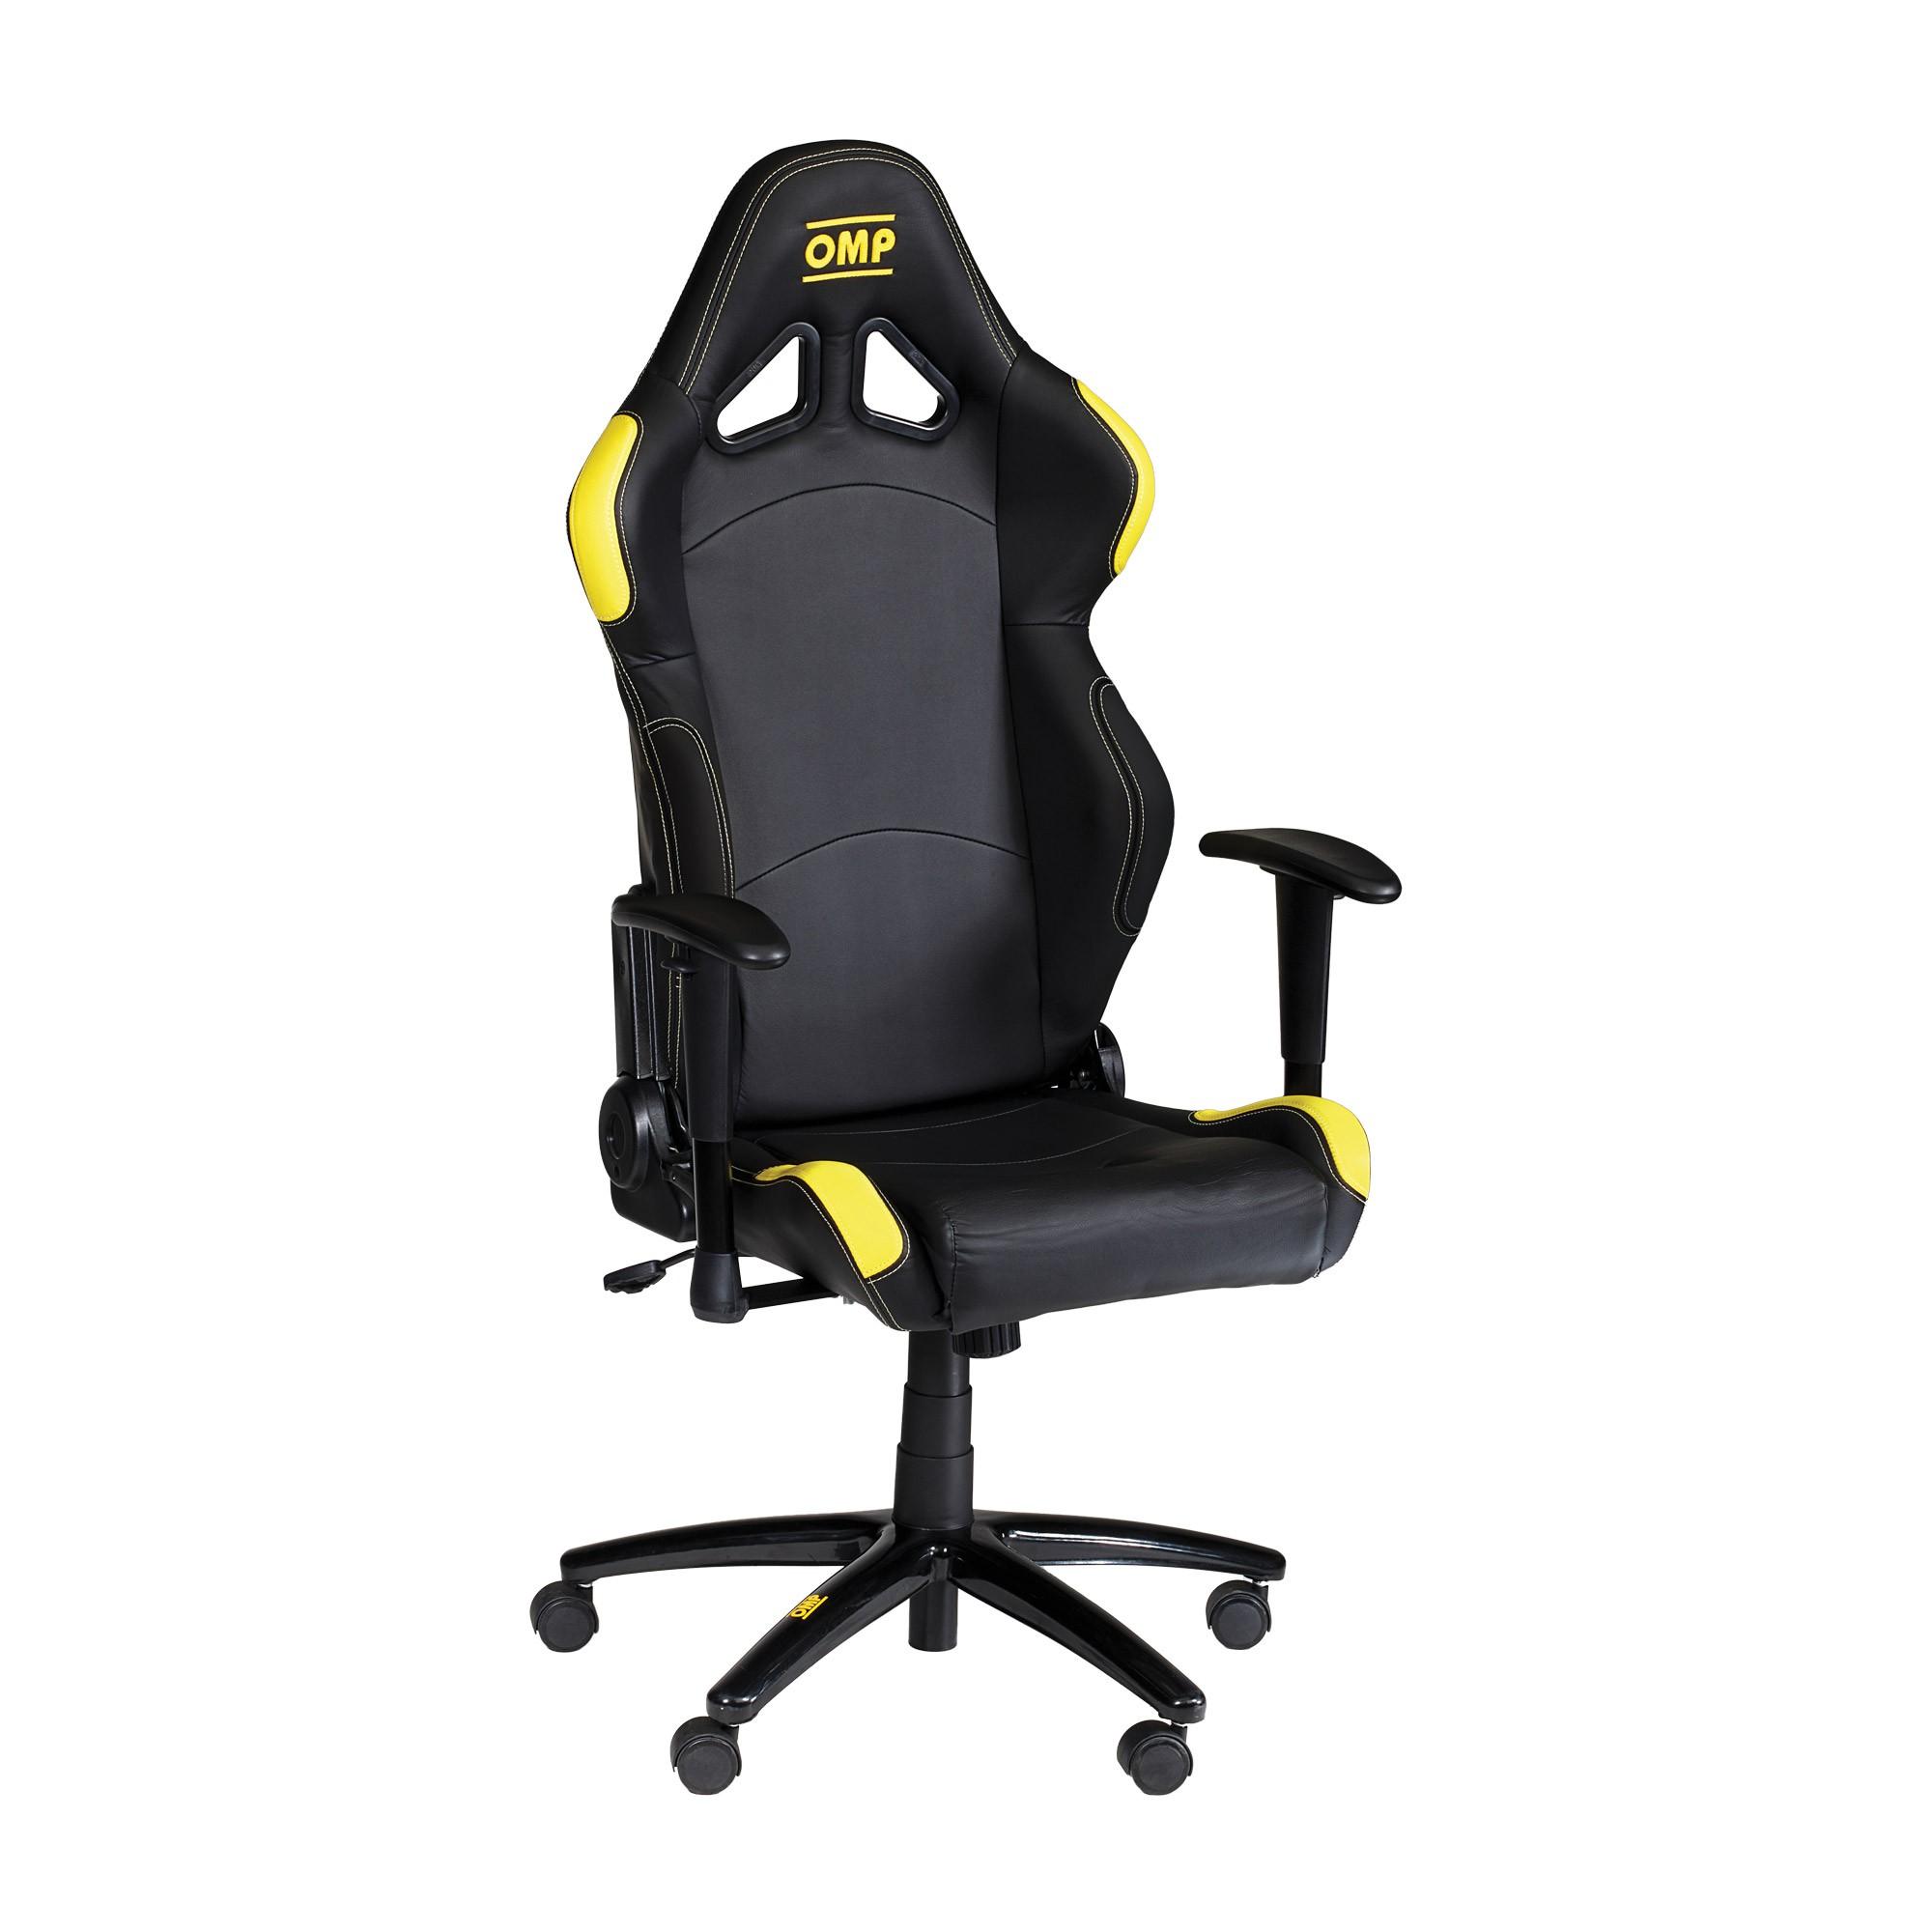 Chair Chair Sedia Sedia GamingRacing Omp GamingRacing Omp uJ13KcTlF